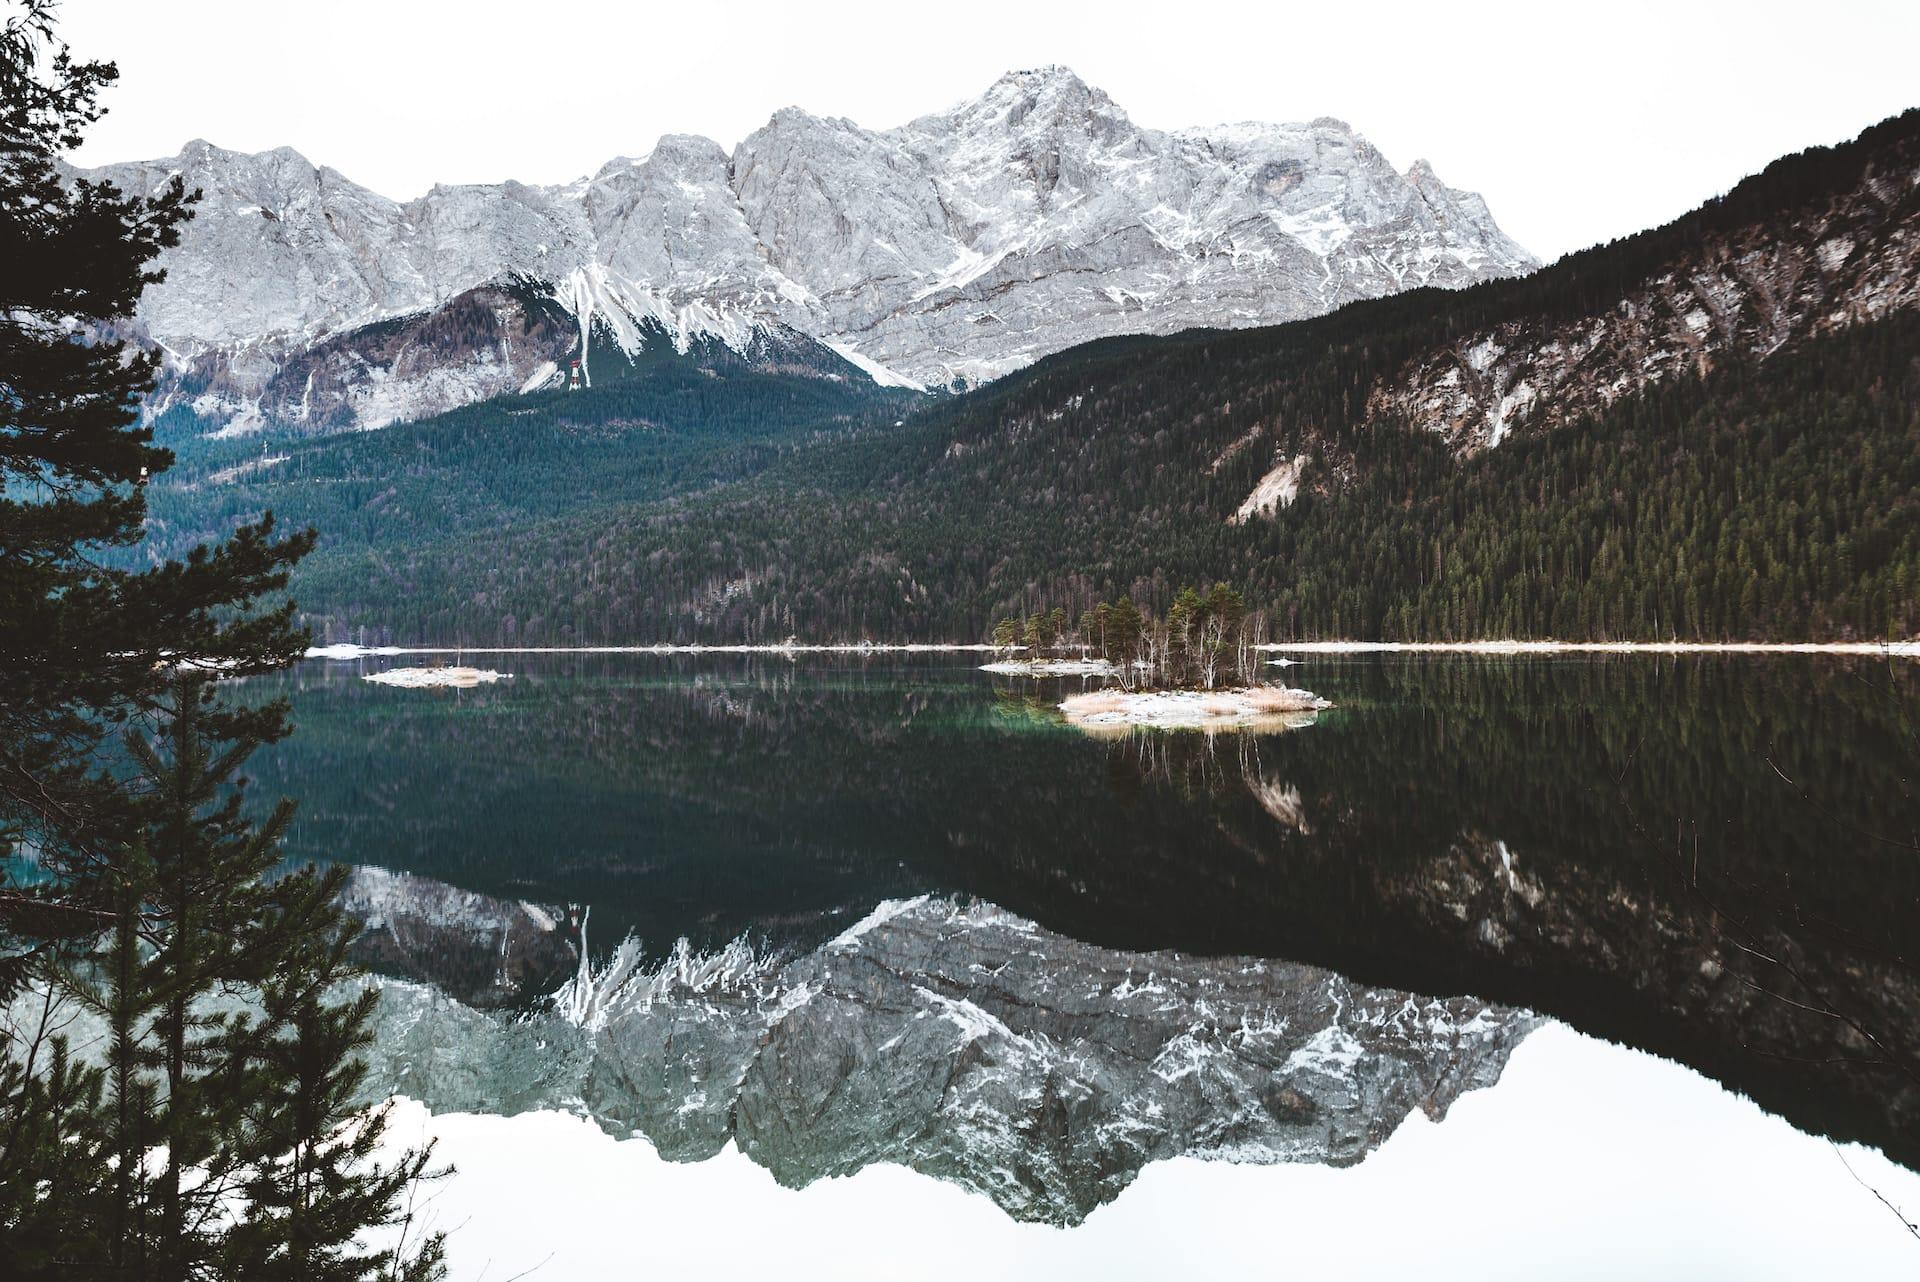 La región de Garmisch